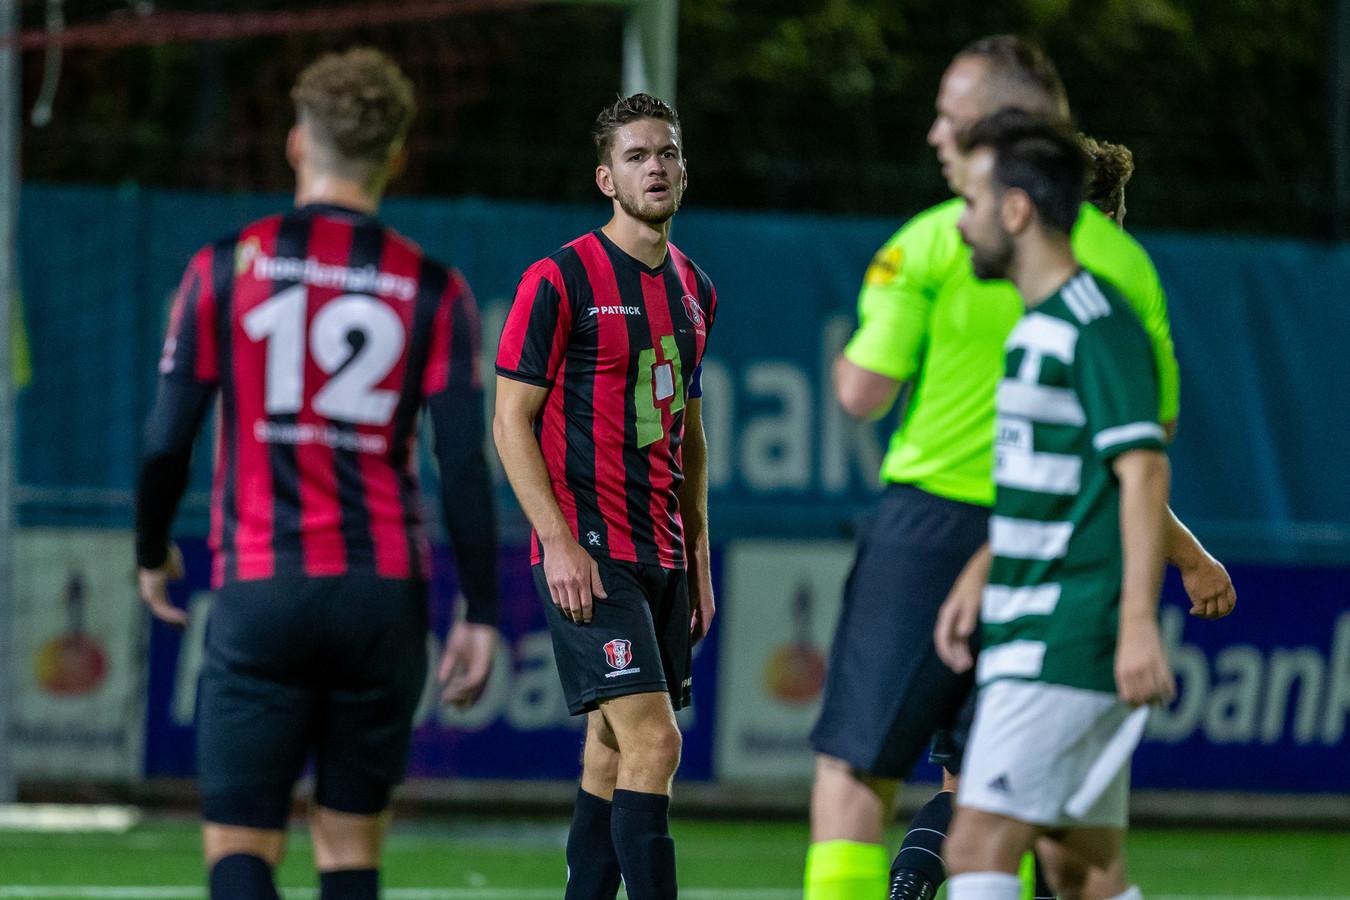 Joris Janssen in het shirt van zijn vorige club OJC Rosmalen.